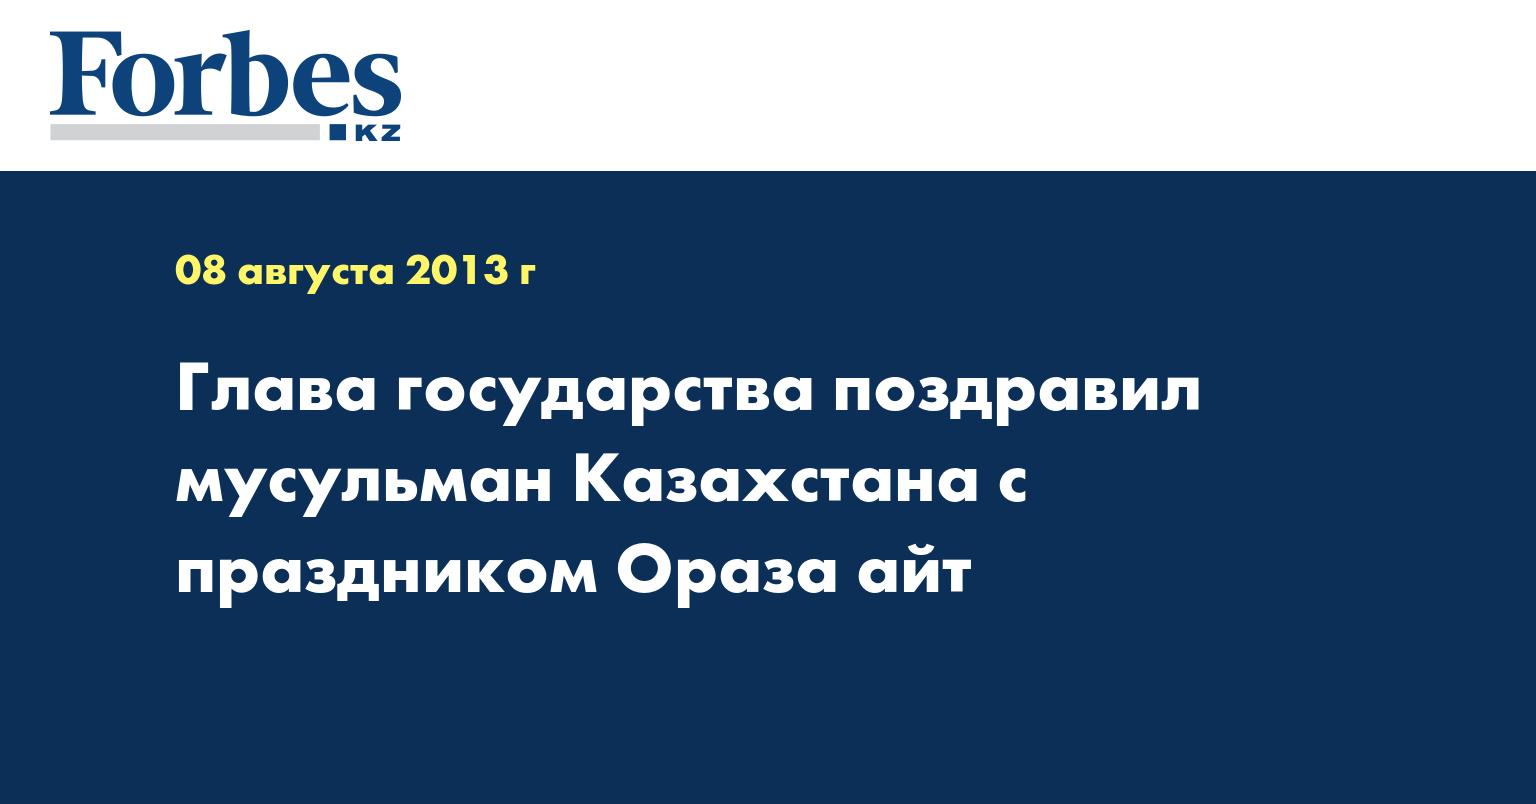 Глава государства поздравил мусульман Казахстана с праздником Ораза айт